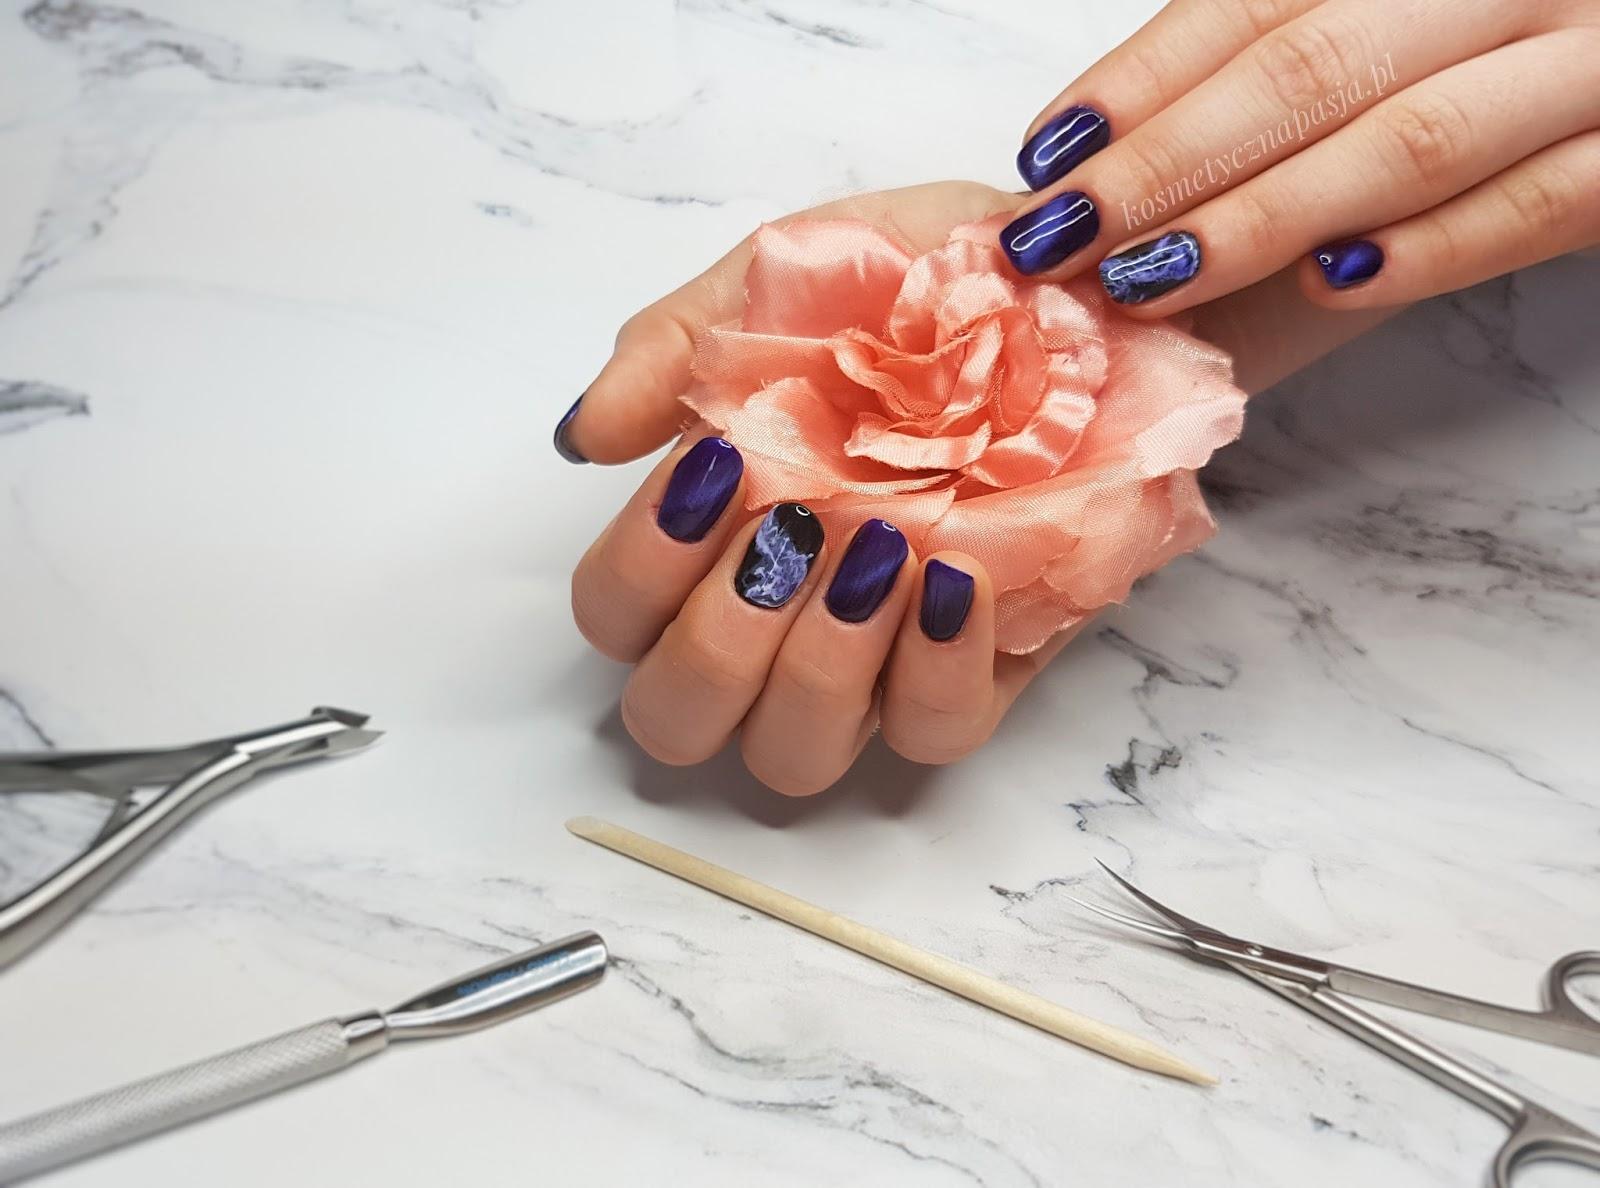 Jak usuwać i wytresować sobie skórki?